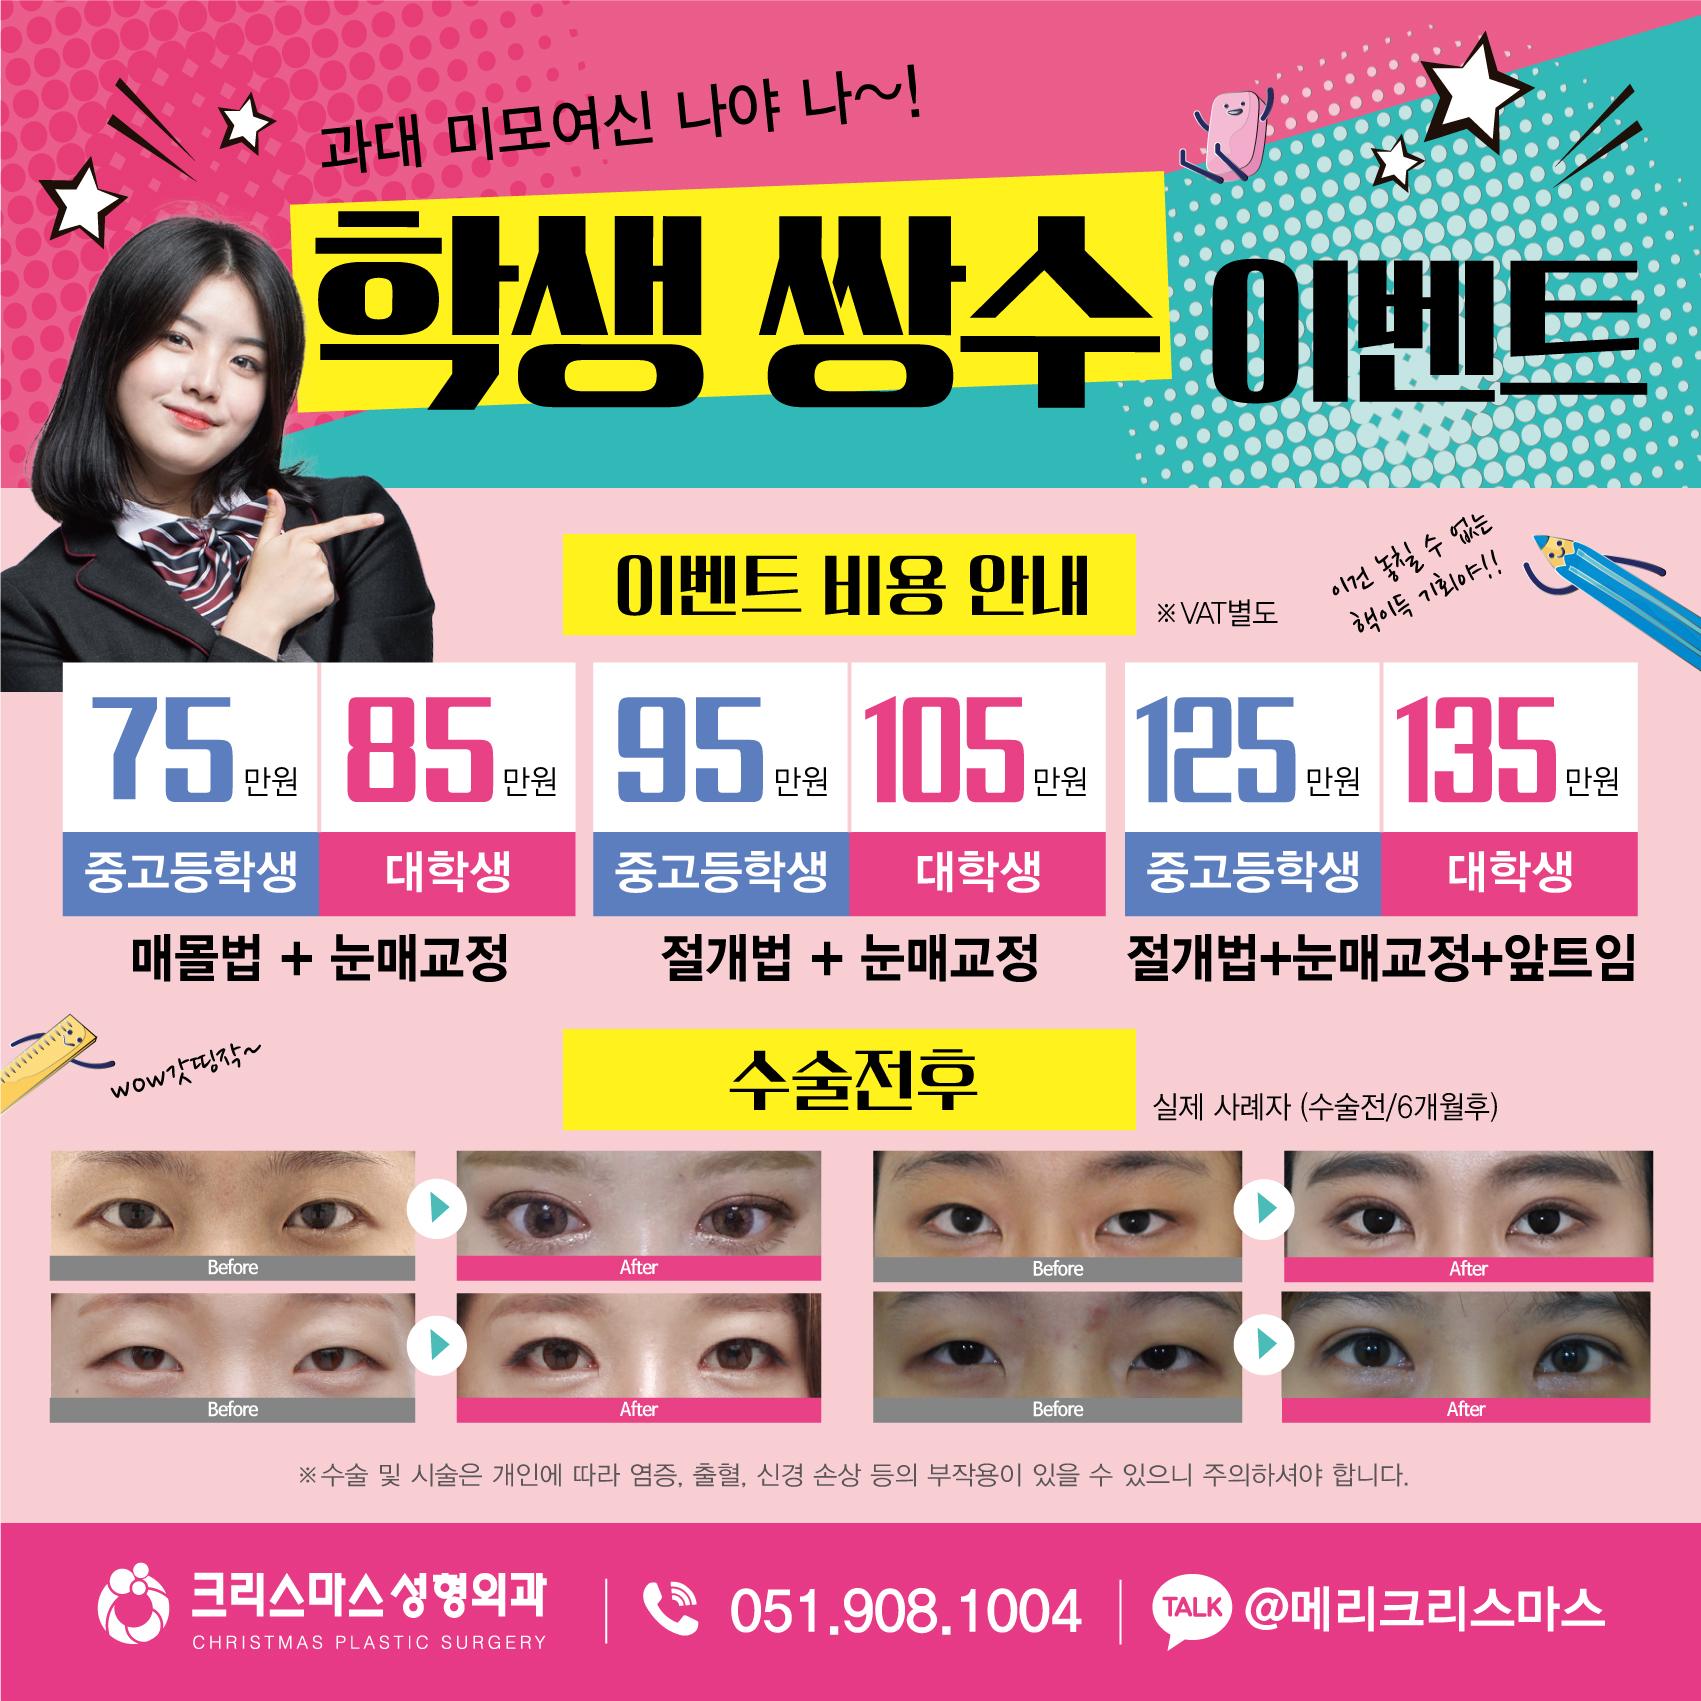 20171030_학생쌍수이벤트_큐방배너_ol.jpg